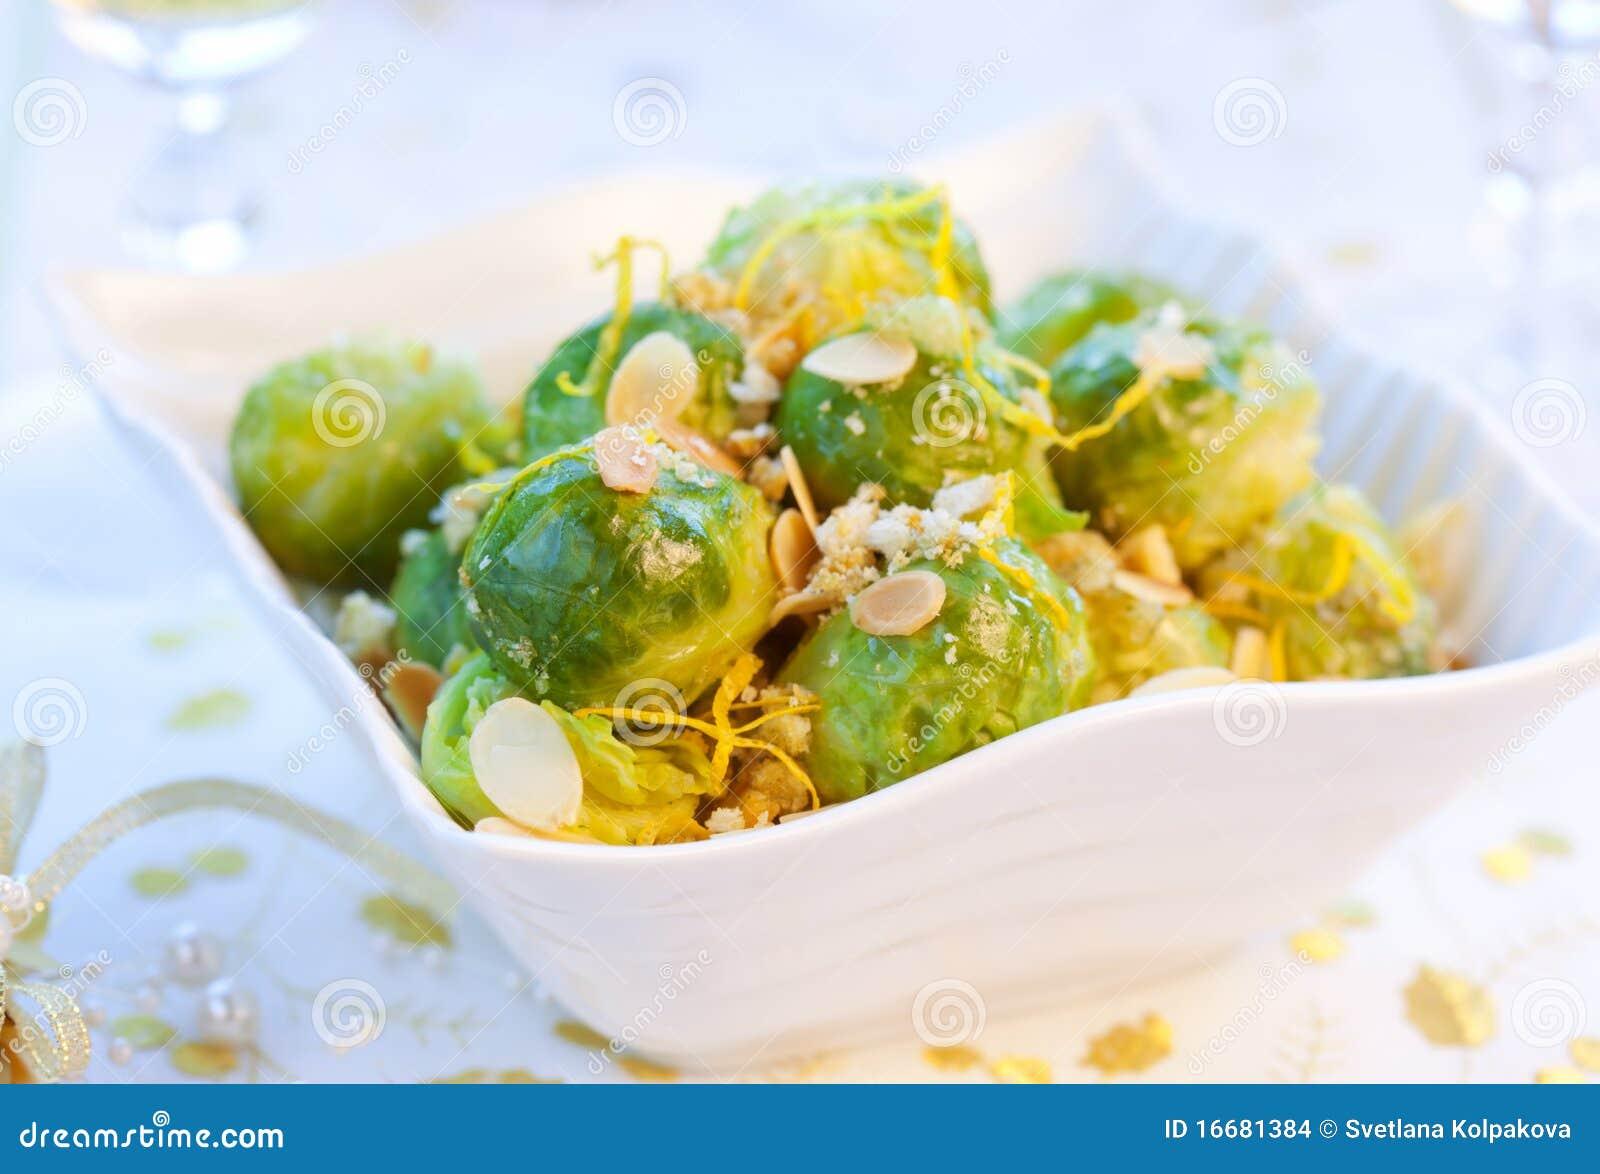 Брюссельская капуста с орехами рецепт